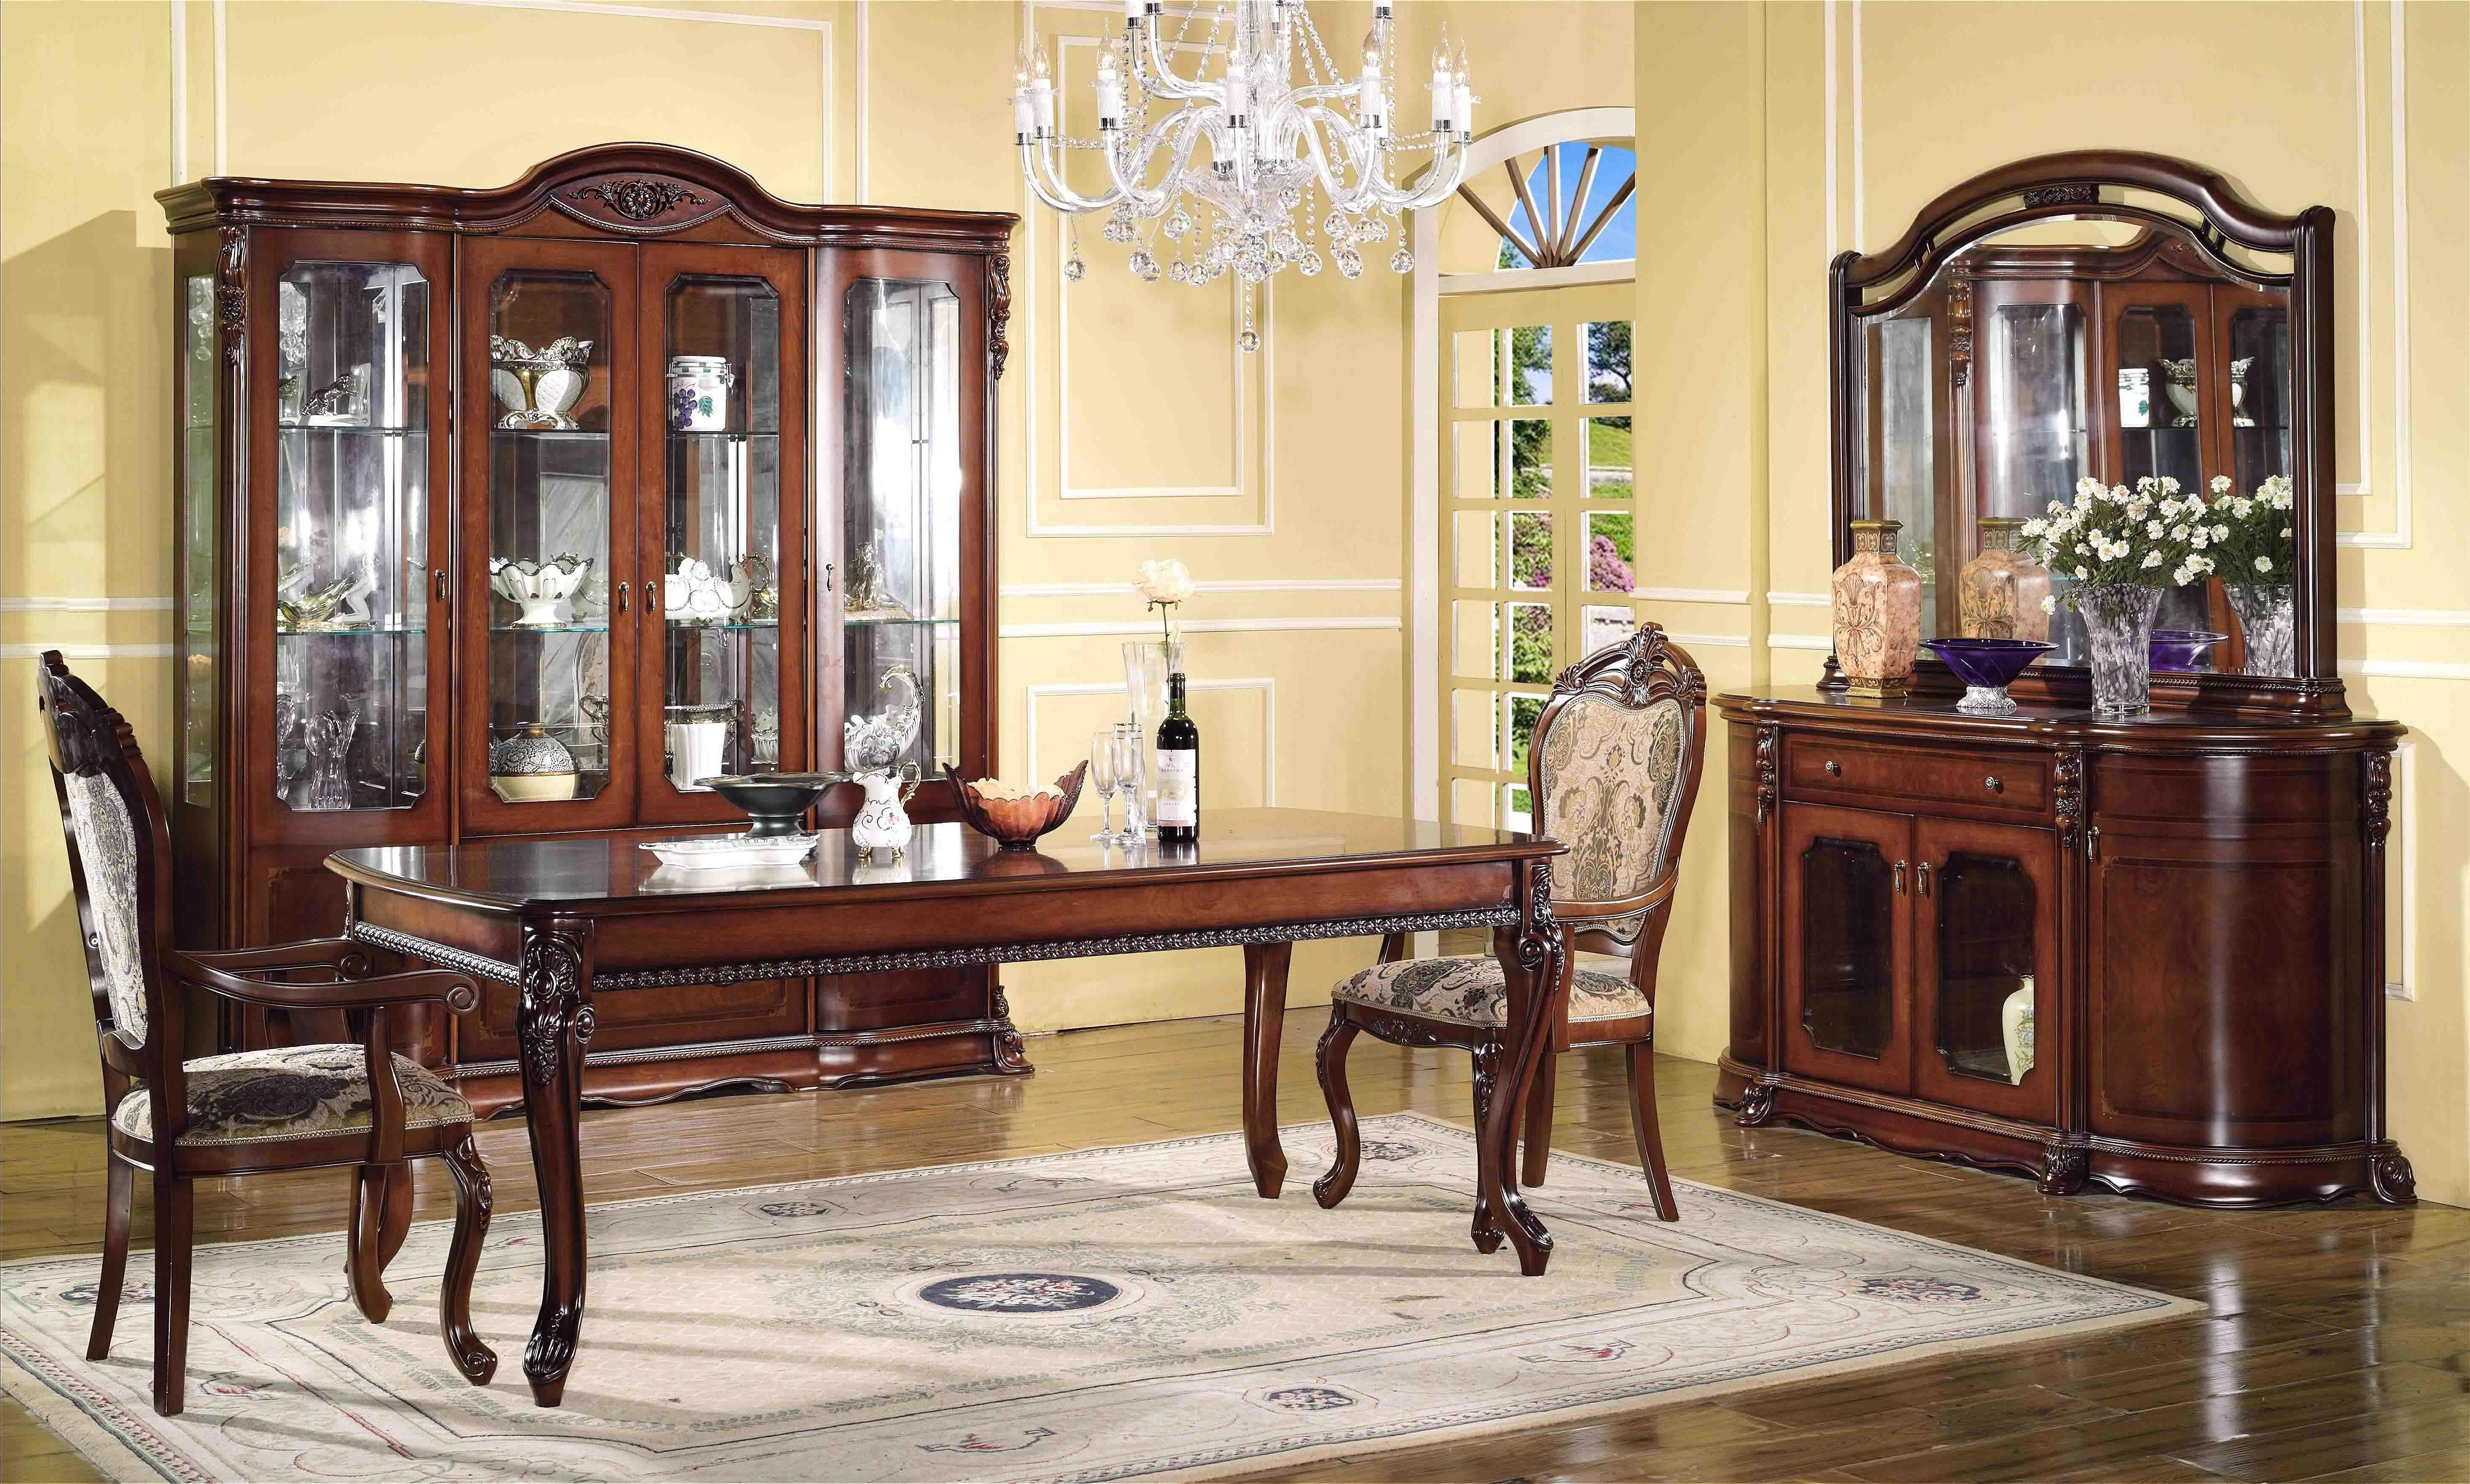 Раритетная мебель, драгоценные металлы, камни, дорогие ткани, натуральные материалы.